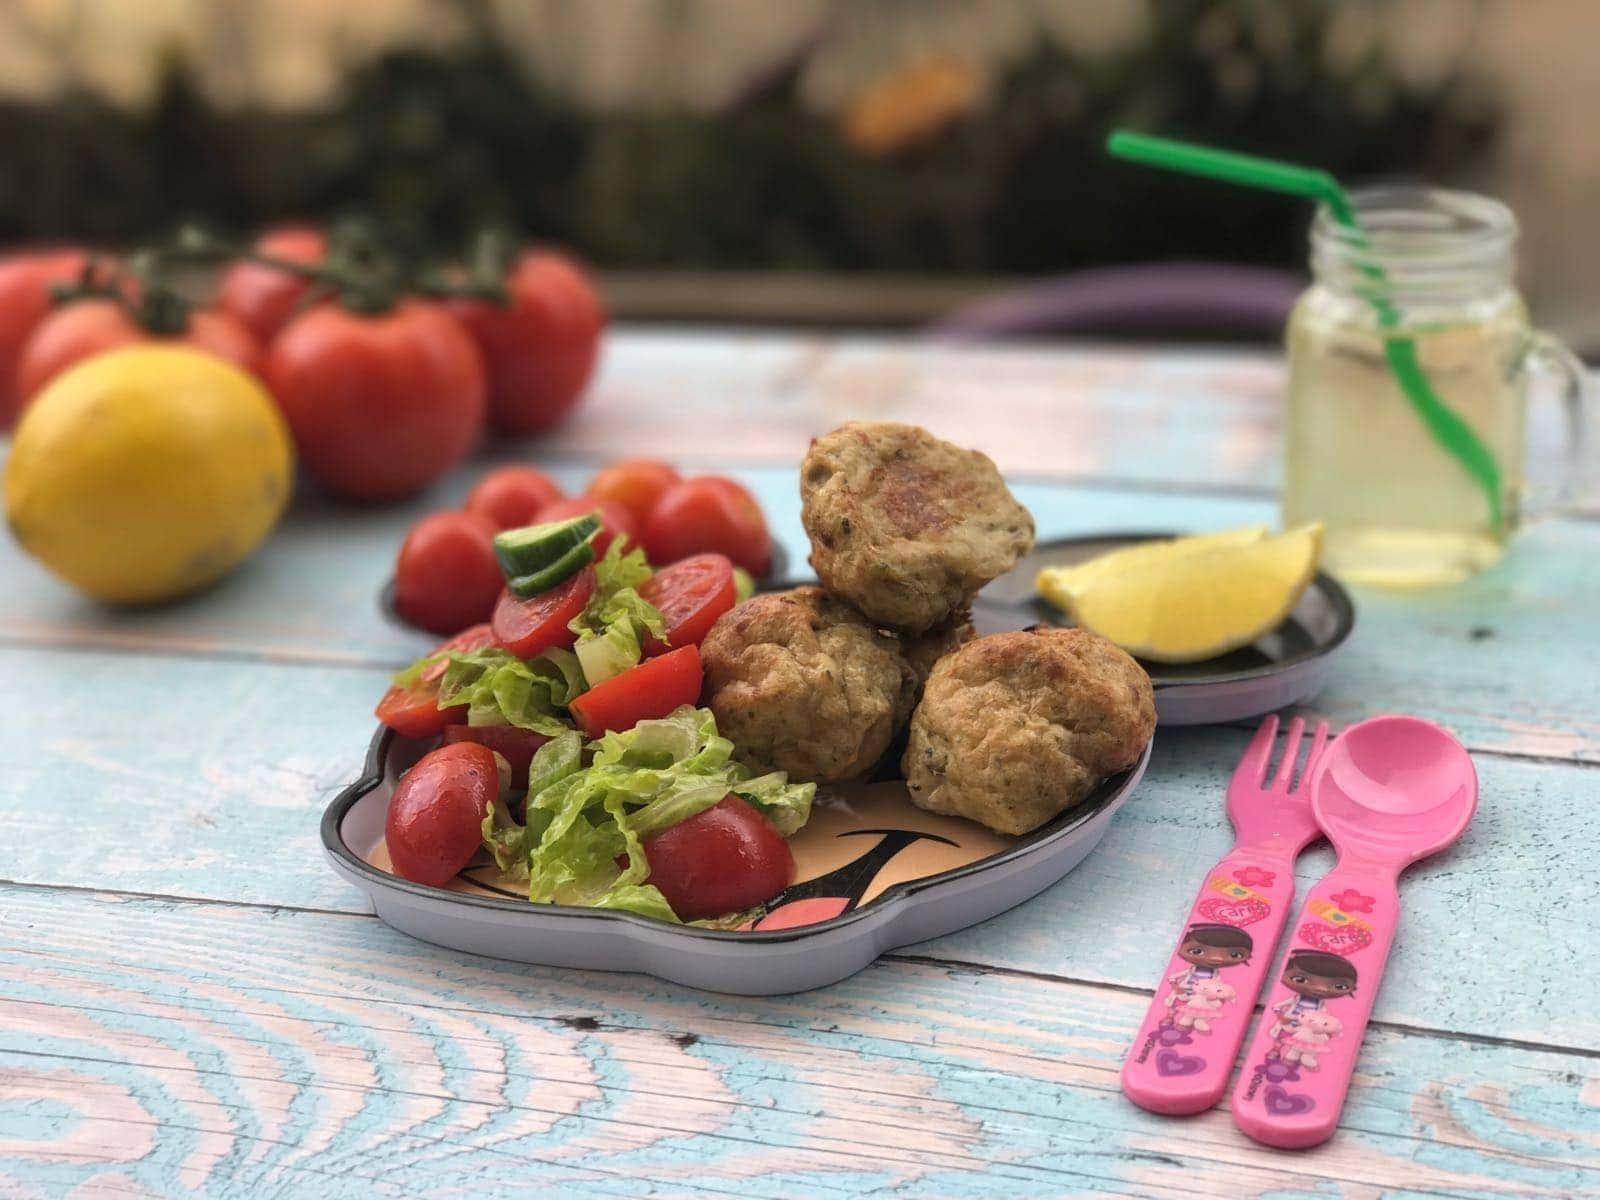 מיני-קציצות עוף ופטריות טעימות בטירוף | צילום: דביר גולן